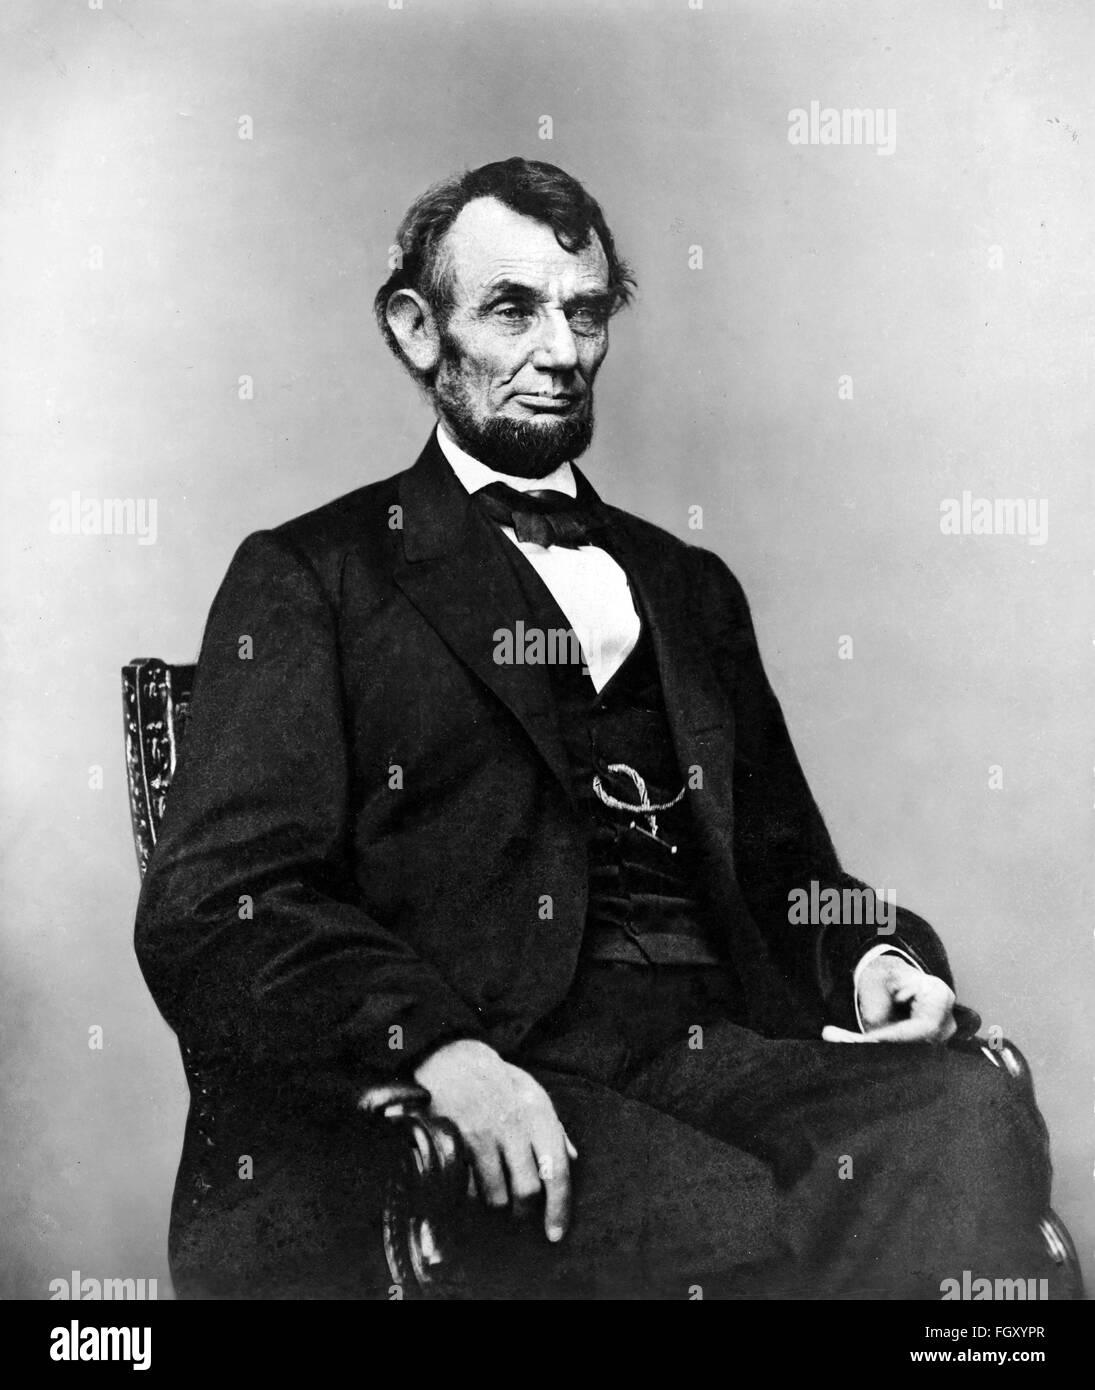 Portrait photographique du président américain Abraham Lincoln en 1864 Photo Stock